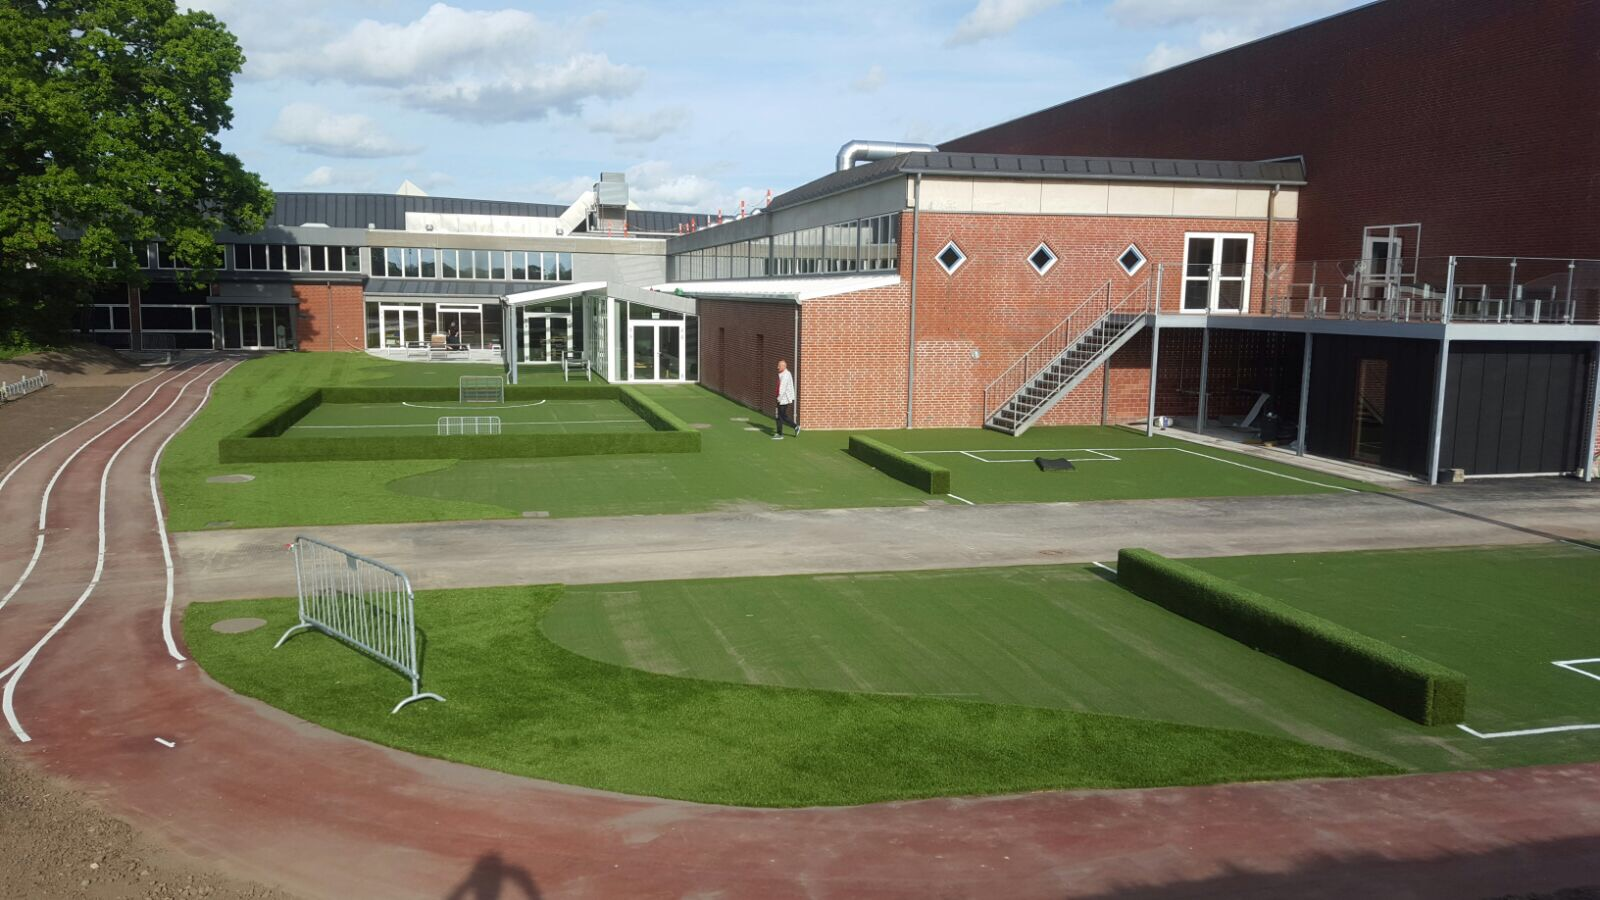 konstgräs skola skolgård lekplats multibana från unisport